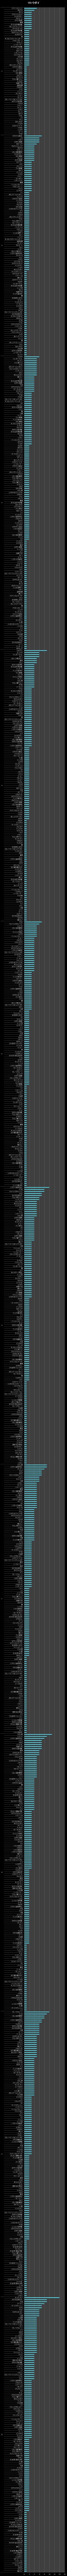 横棒グラフ/マトウダイ